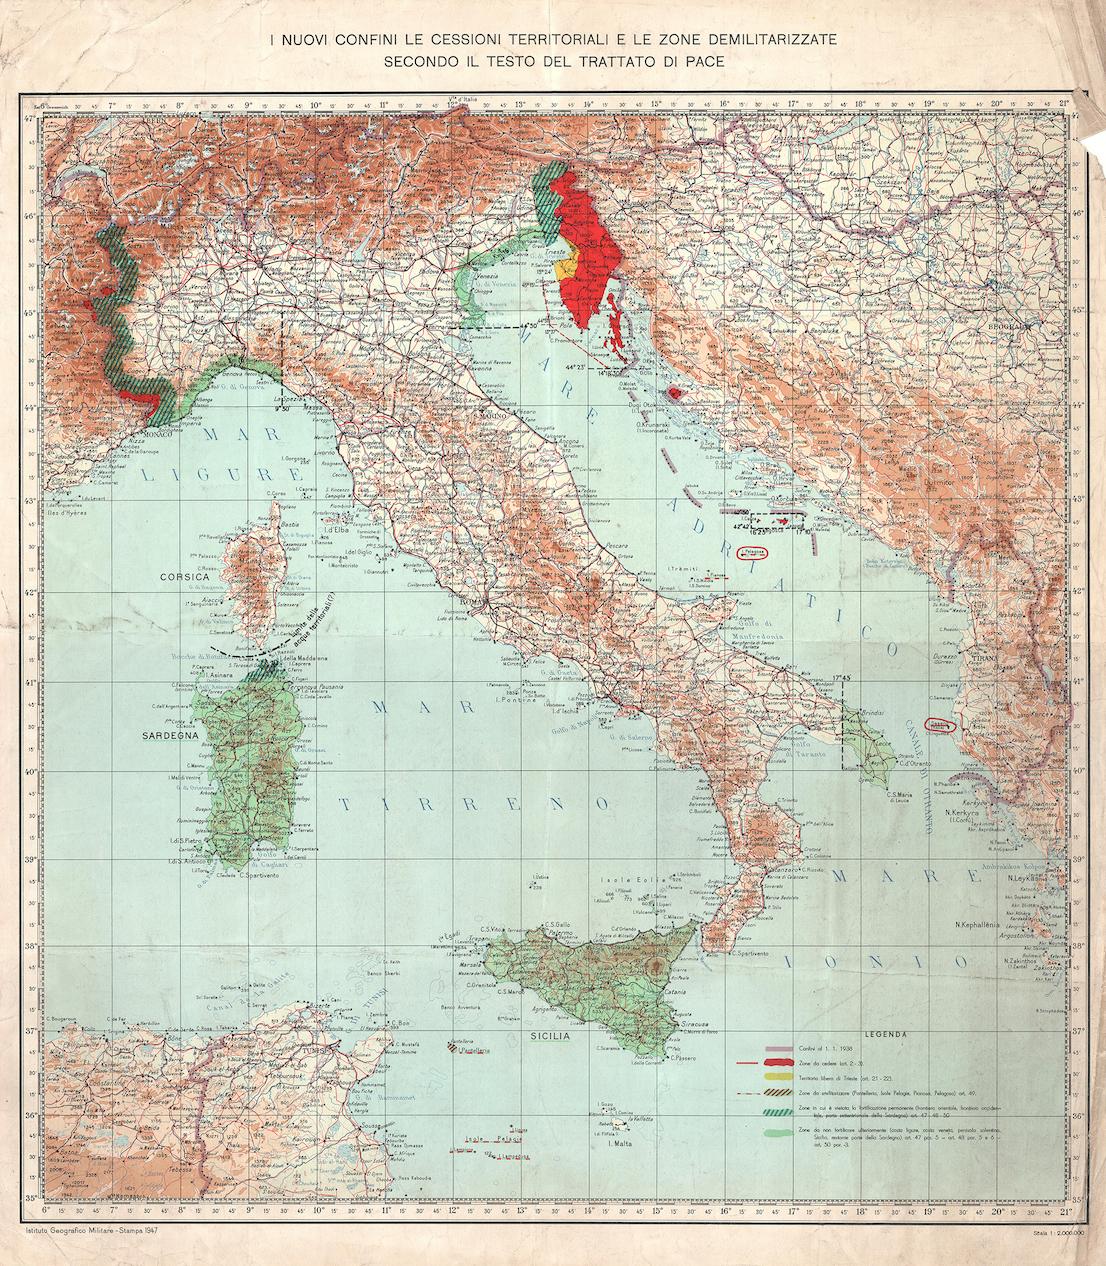 Carta d'Italia del 1947 riportante gli accordi di confine stabiliti nel Trattato di Pace di Parigi (dai tipi dell'Istituto Geografico Militare).